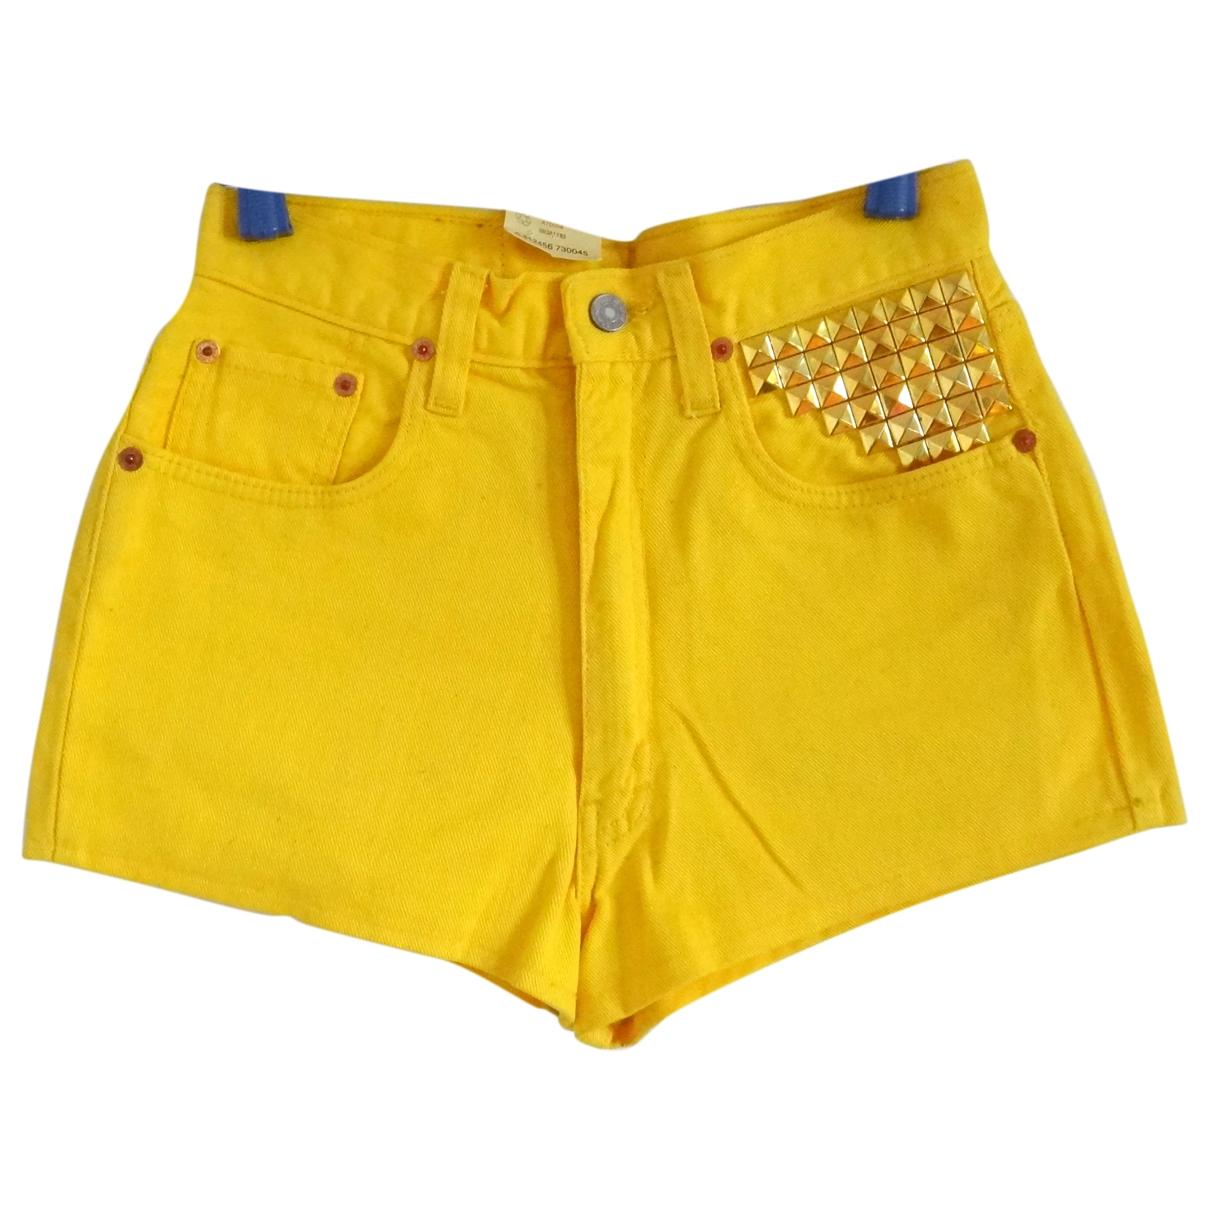 Levis - Short   pour femme en denim - jaune